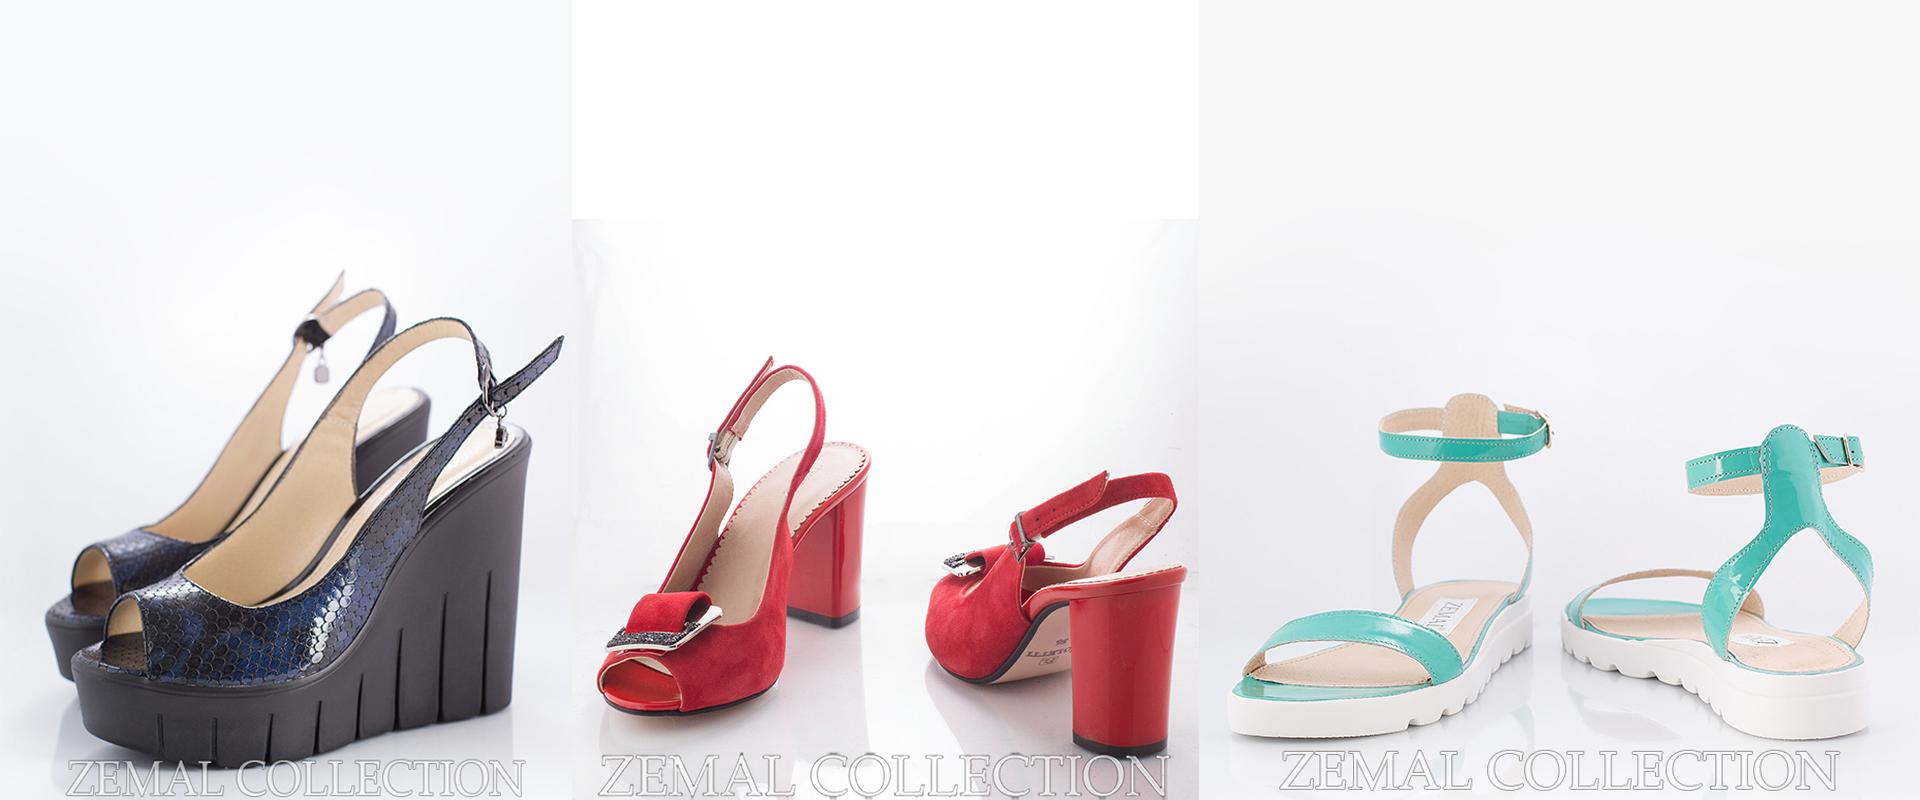 753272371a8fec Купити жіночі босоніжки недорого | Бренд «Земал»